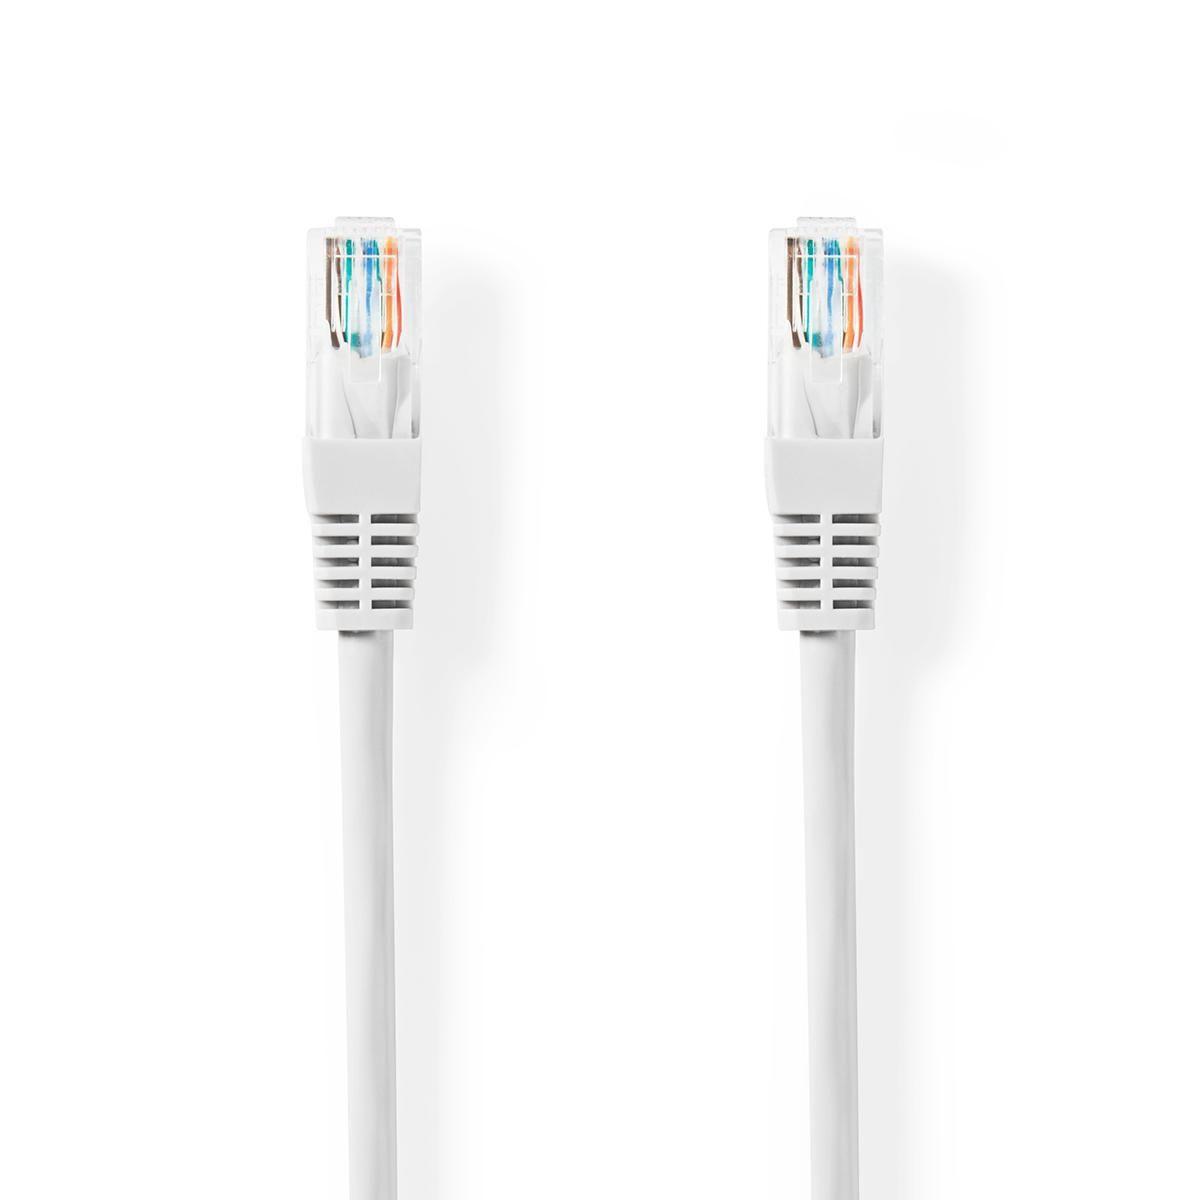 Billede af CAT5e UTP - Ethernet/Netværkskabel Rundt - RJ45 stik - 1000 Mbps - 30 Meter - hvid